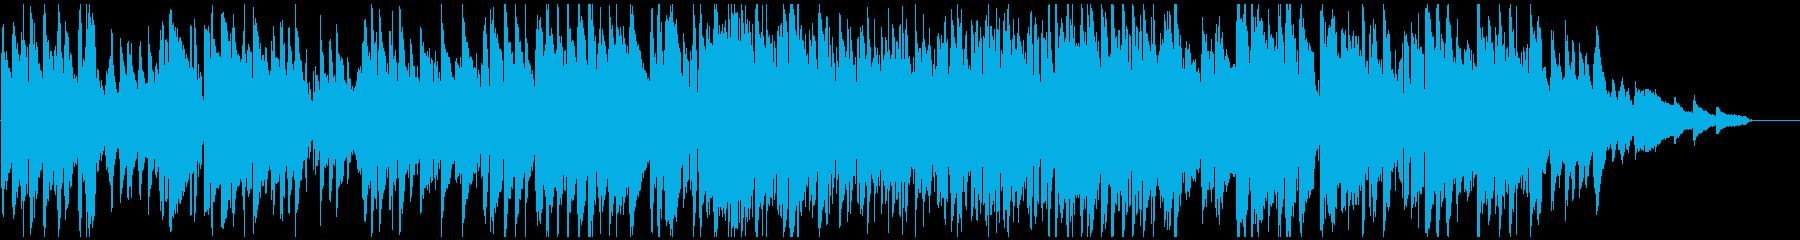 美しいジャズ・ワルツ、軽快なリズムの再生済みの波形